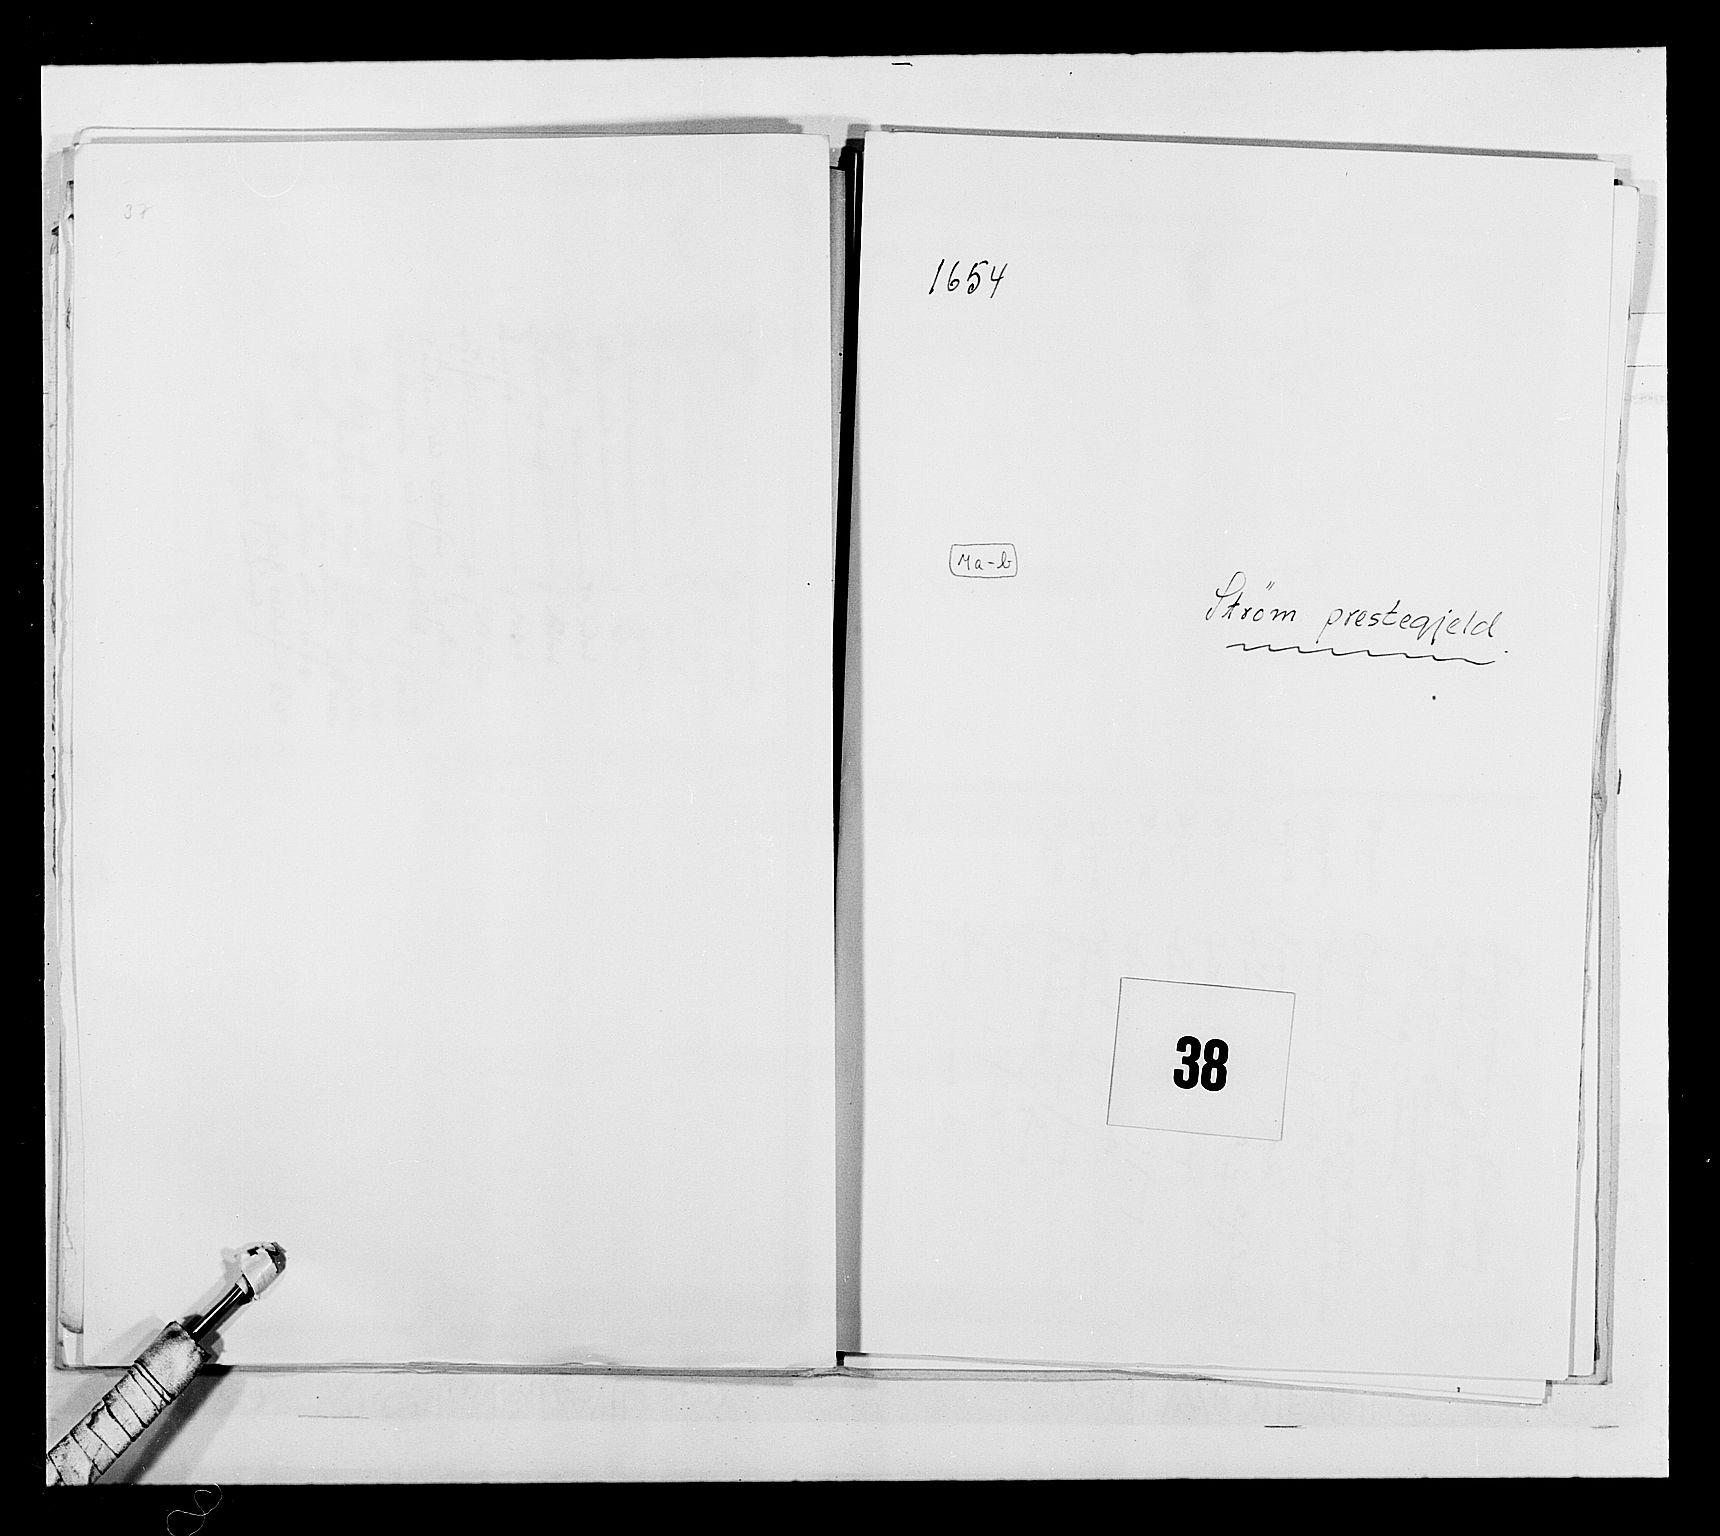 RA, Stattholderembetet 1572-1771, Ek/L0030: Jordebøker 1633-1658:, 1654, s. 179